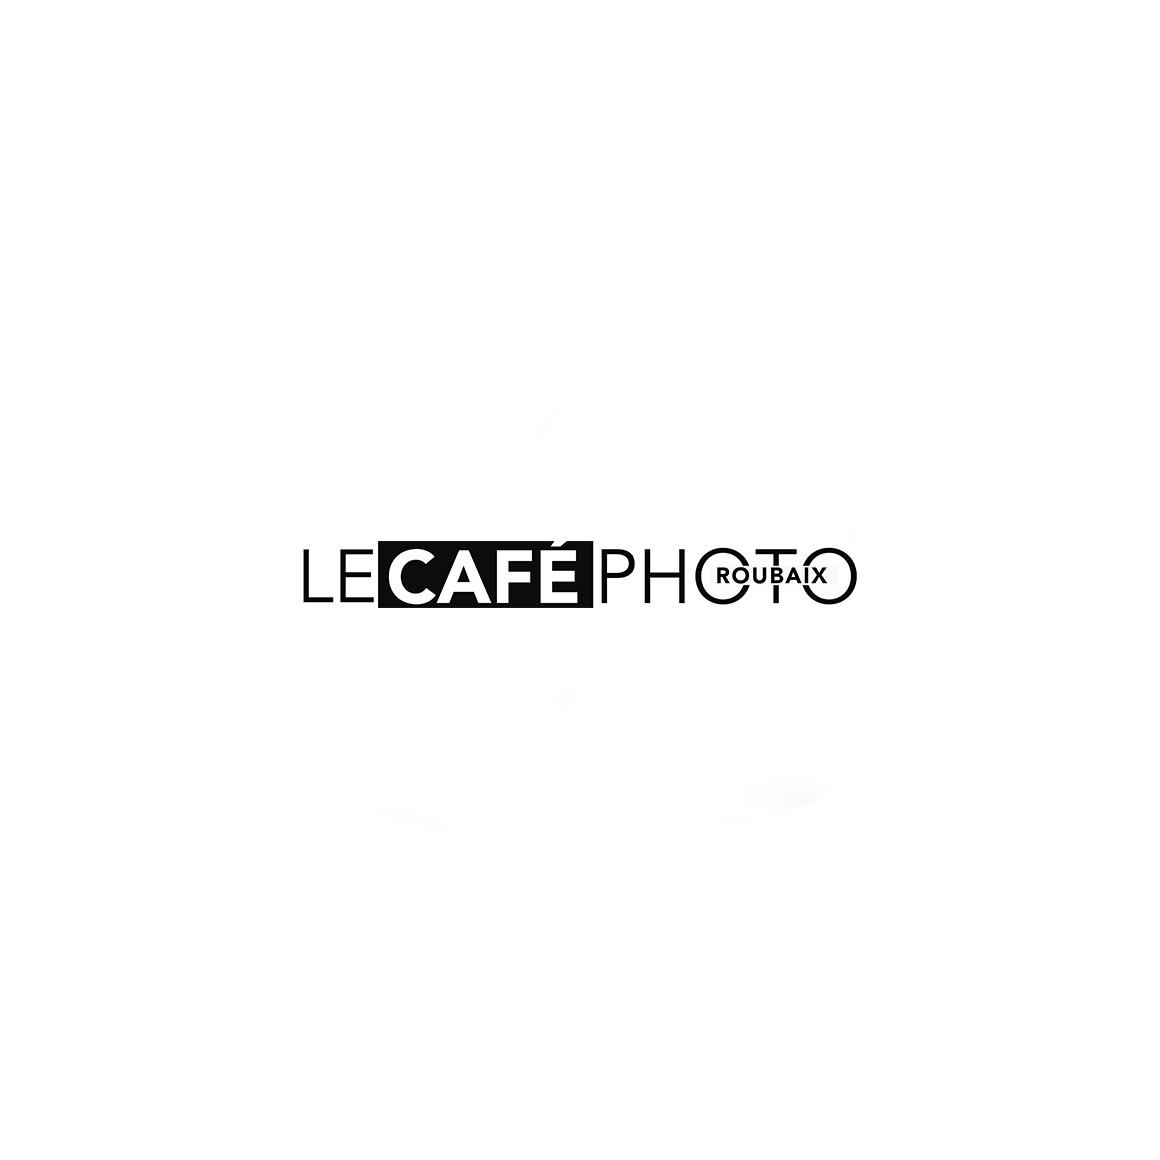 Le Café Photo